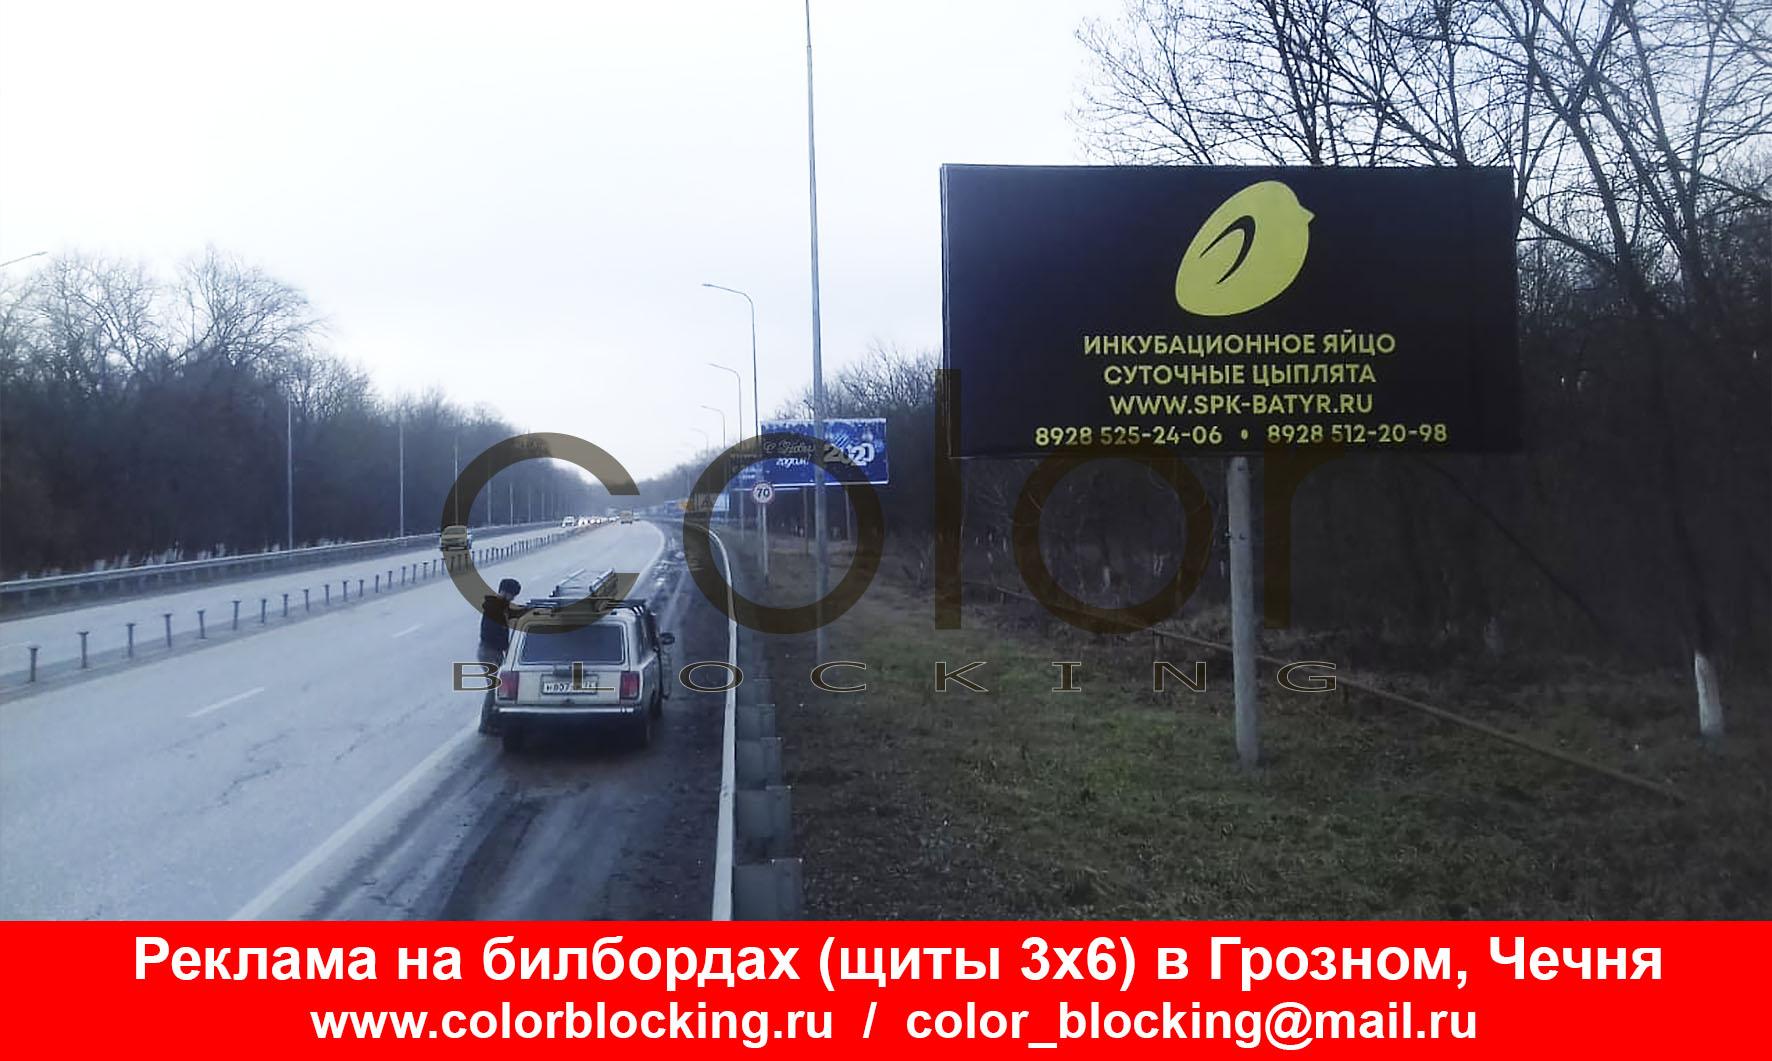 Реклама на билбордах трасса М29 Грозный